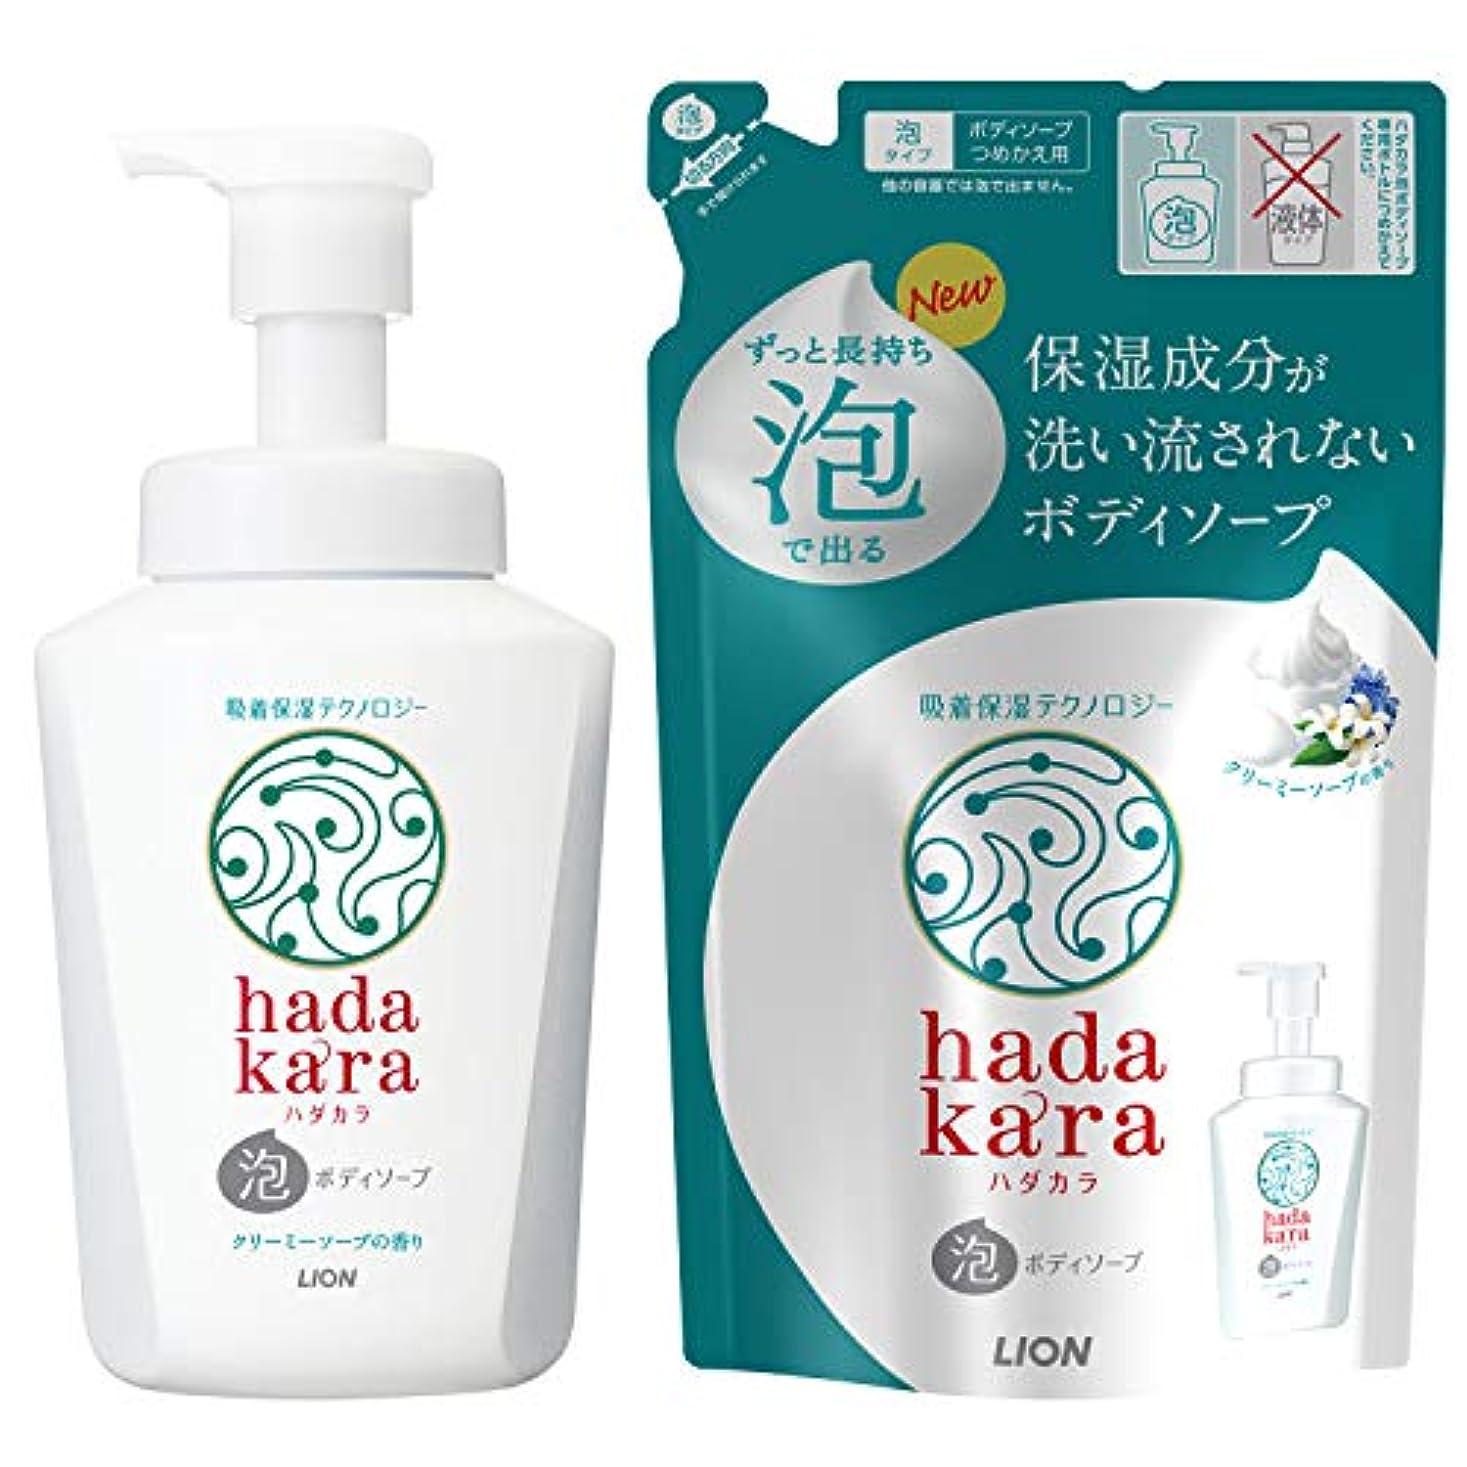 ライター言い換えるとマートhadakara(ハダカラ) ボディソープ 泡タイプ クリーミーソープの香り 本体550ml+詰替440ml